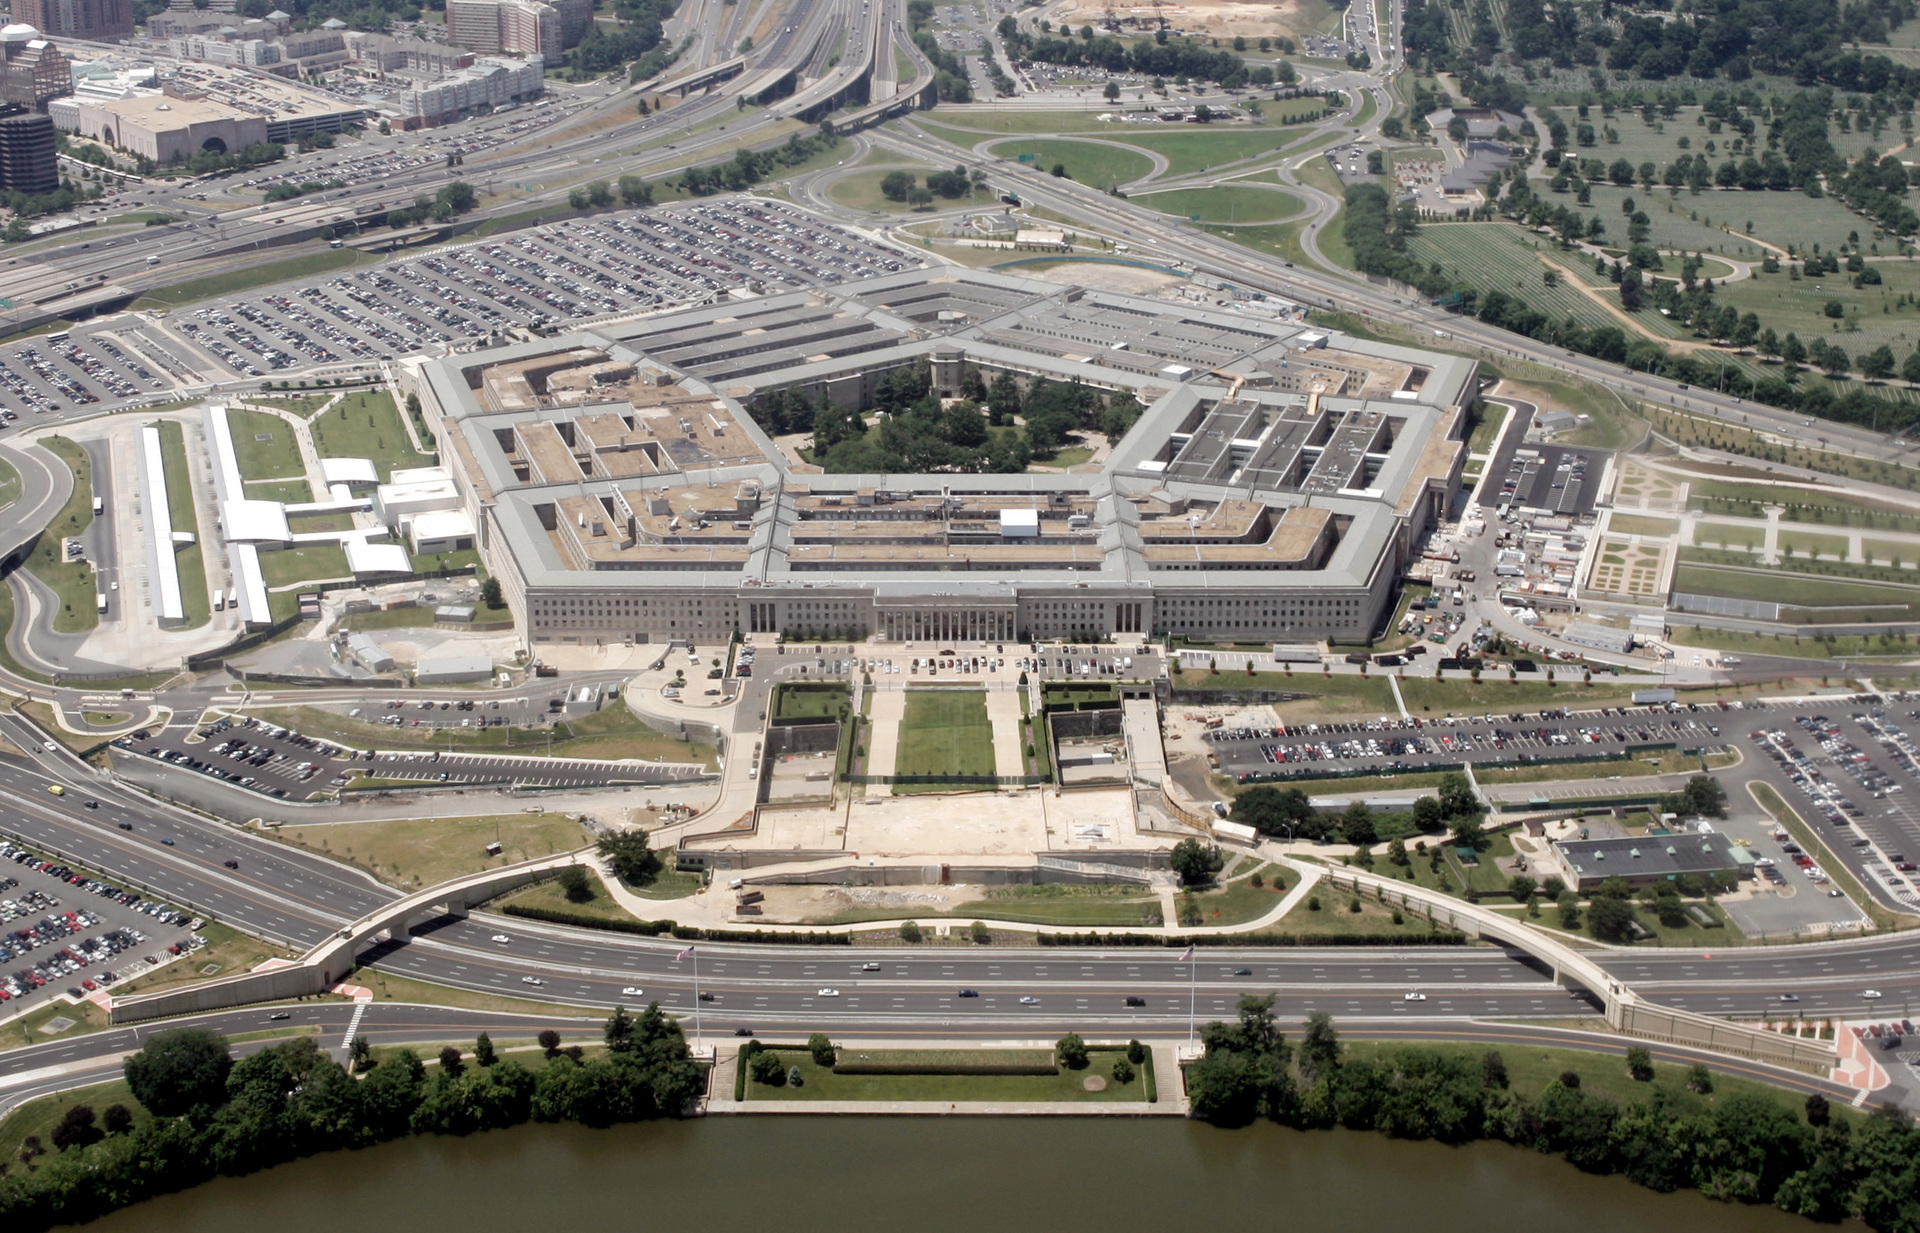 Ближневосточное усиление: станет ли Трамп и дальше наращивать контингент США в Саудовской Аравии